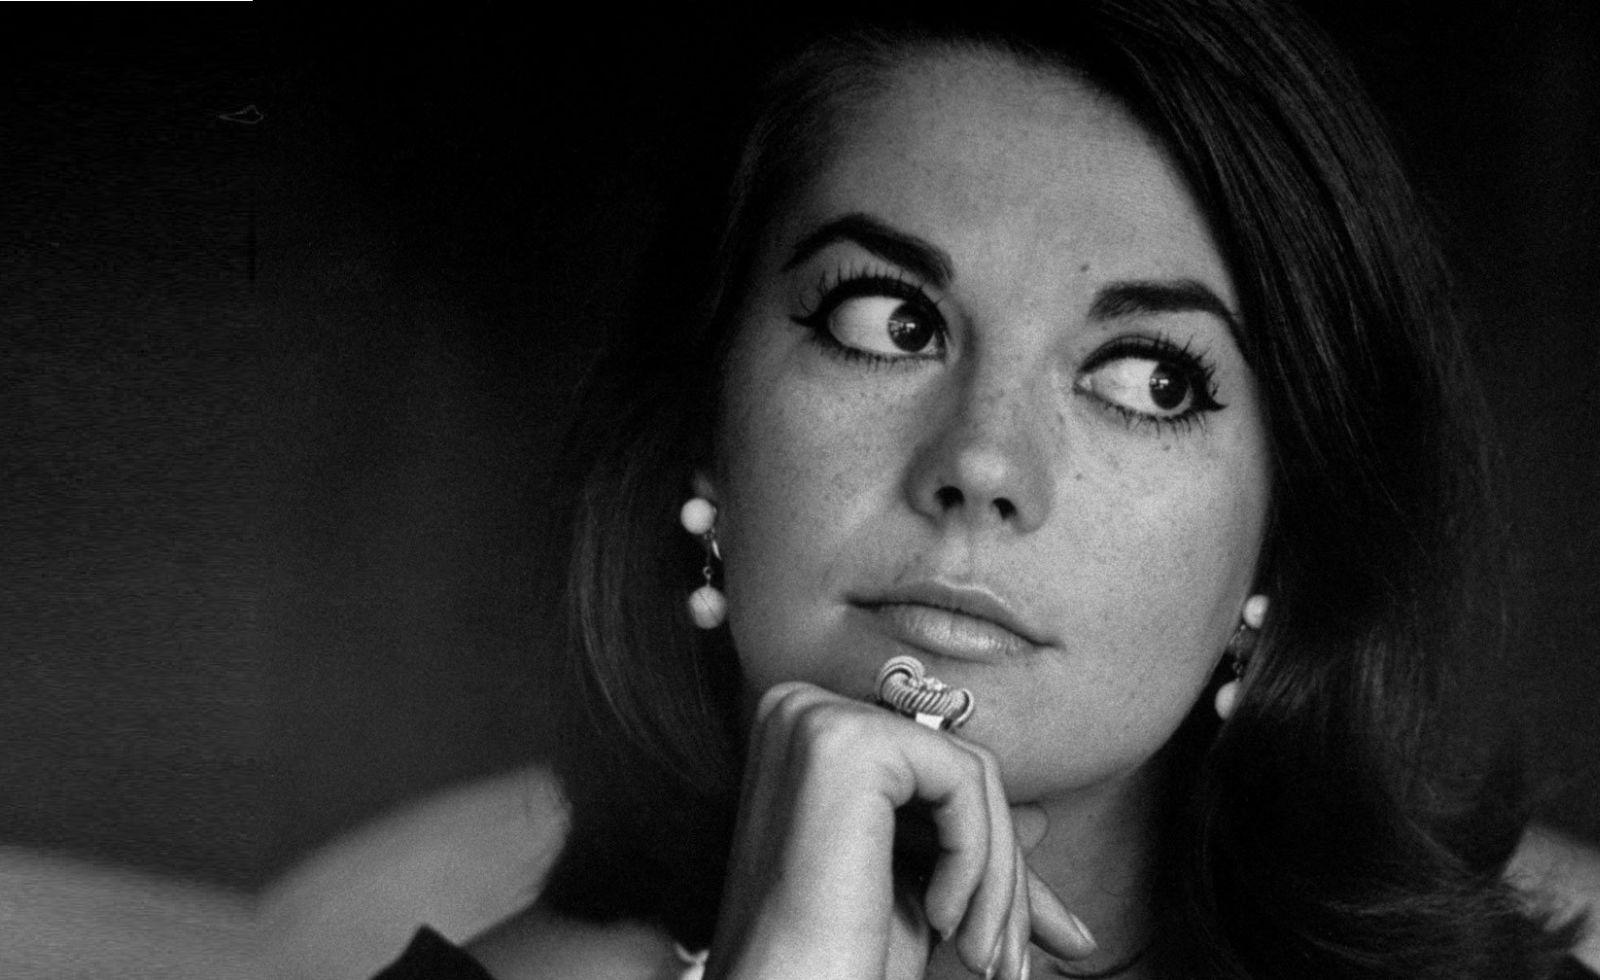 La misteriosa morte di Natalie Wood